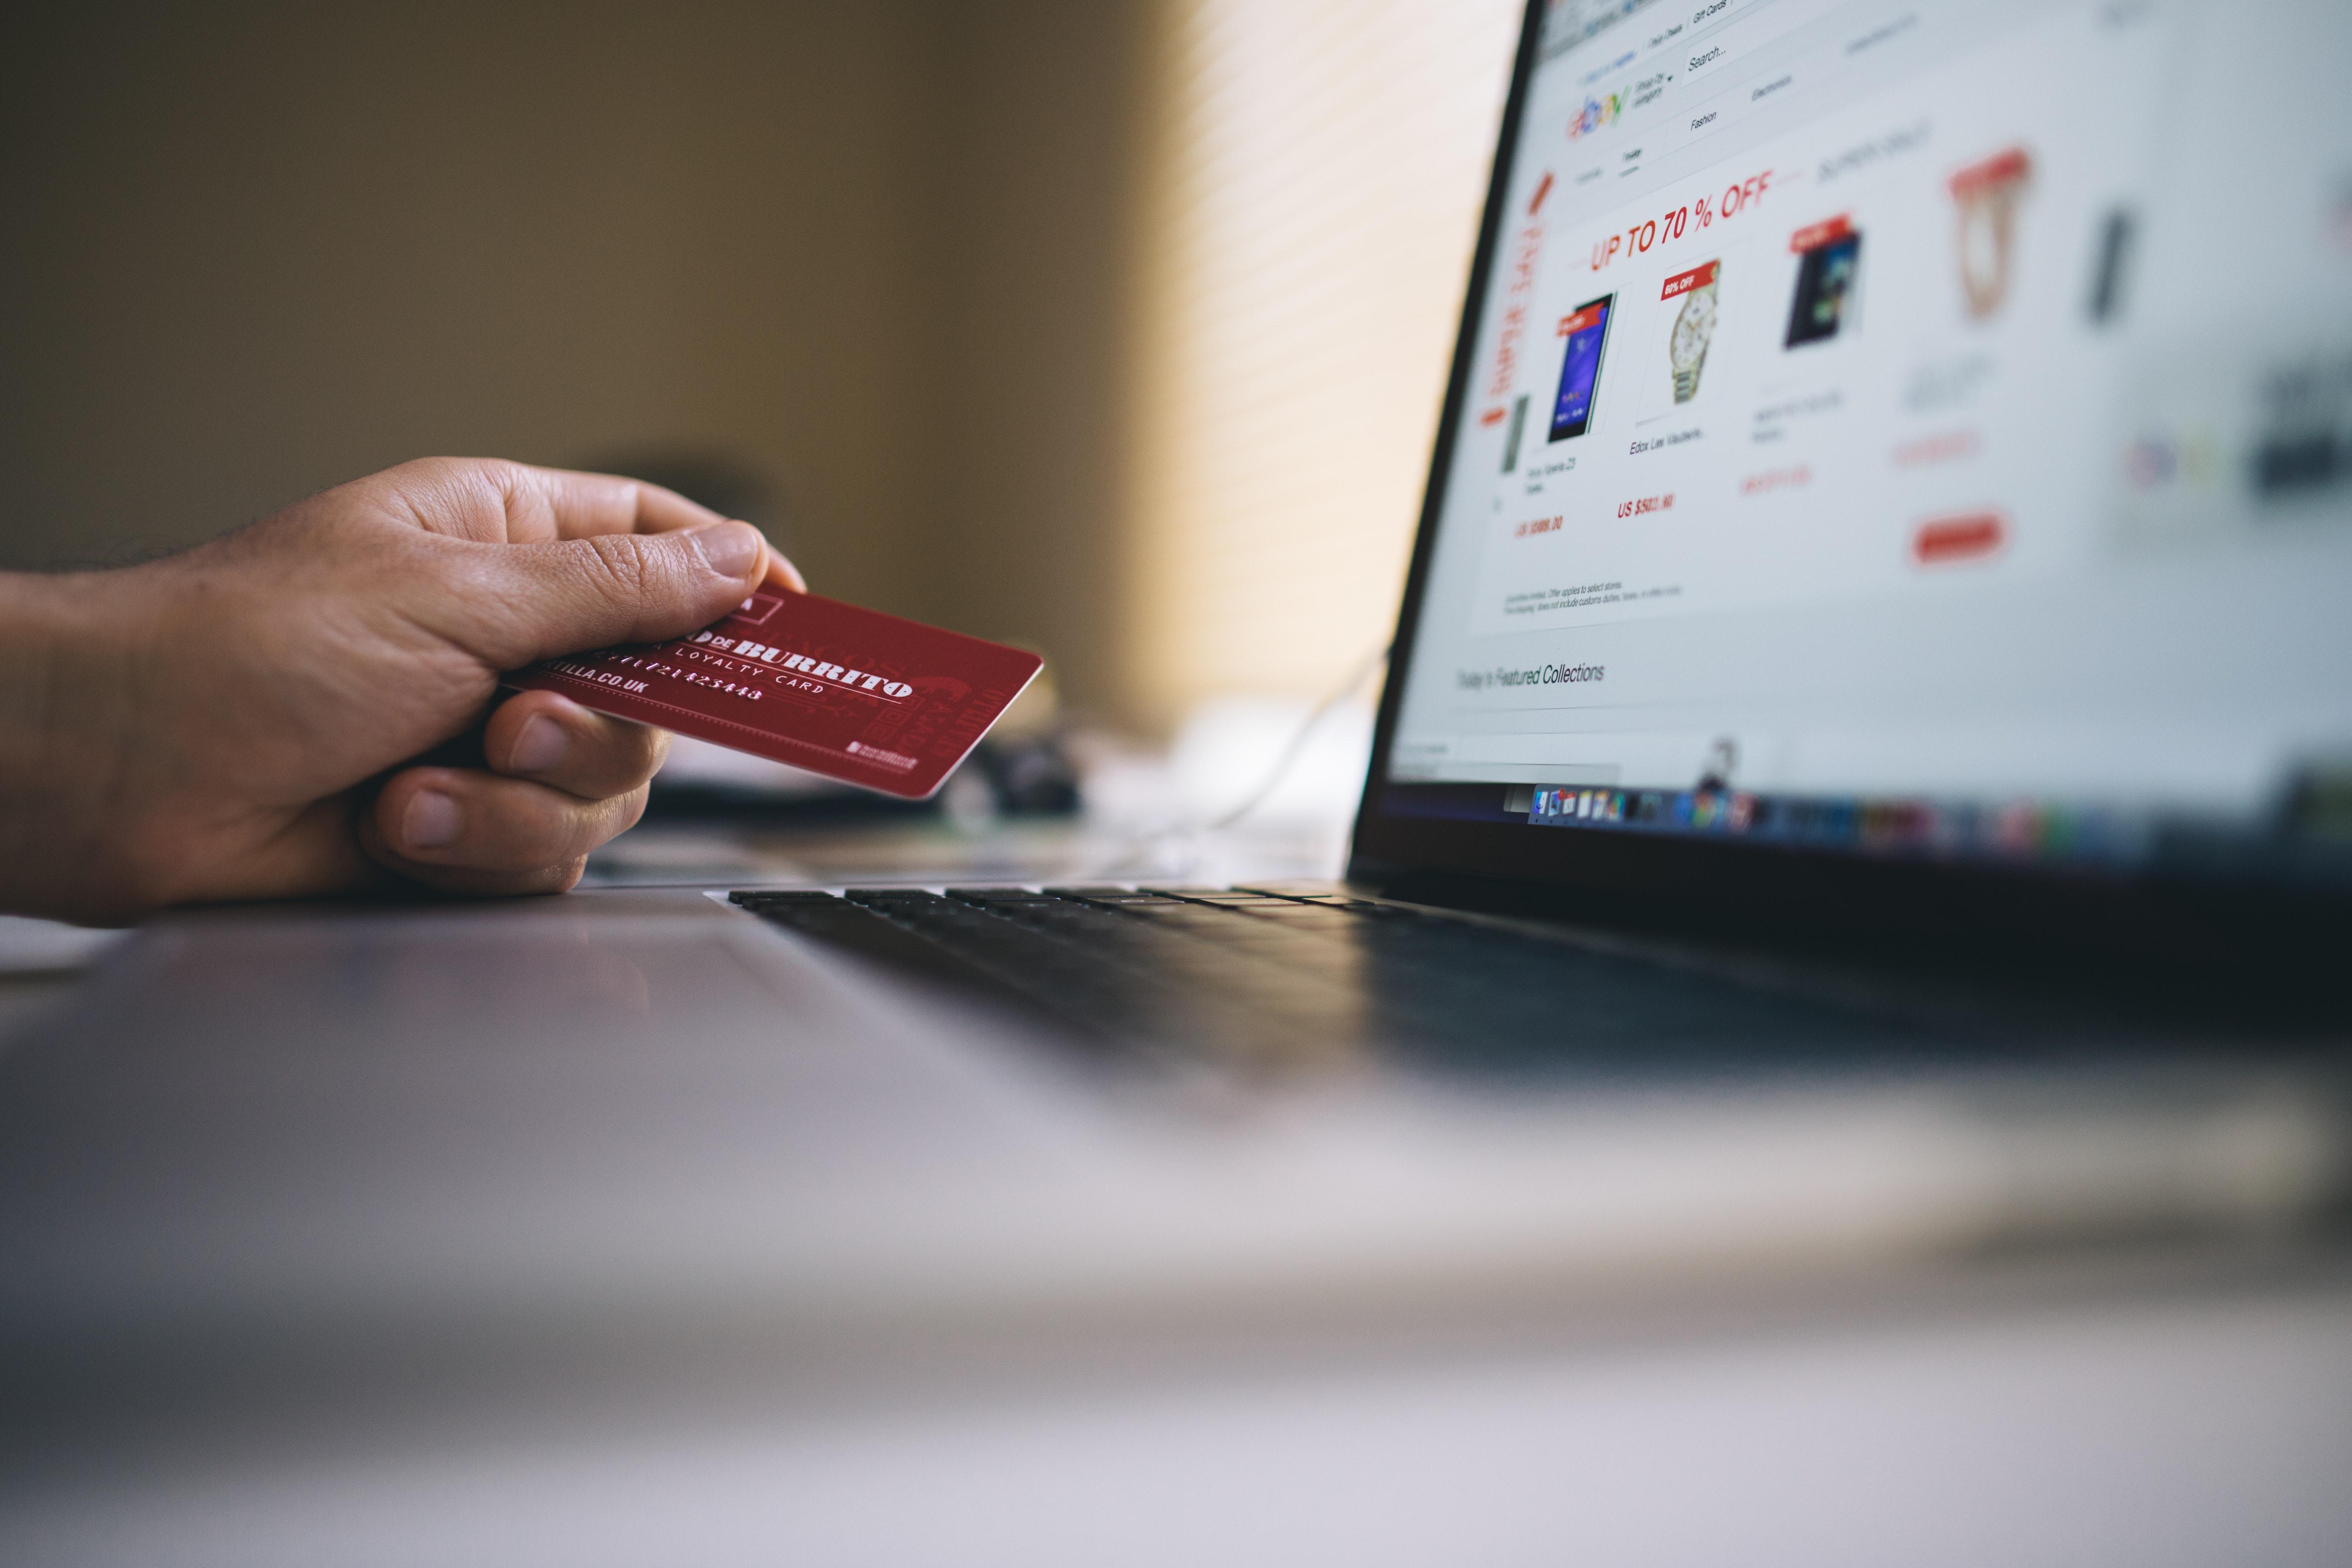 La pandémie accélère l'essor du e-commerce dans les économies émergeantes